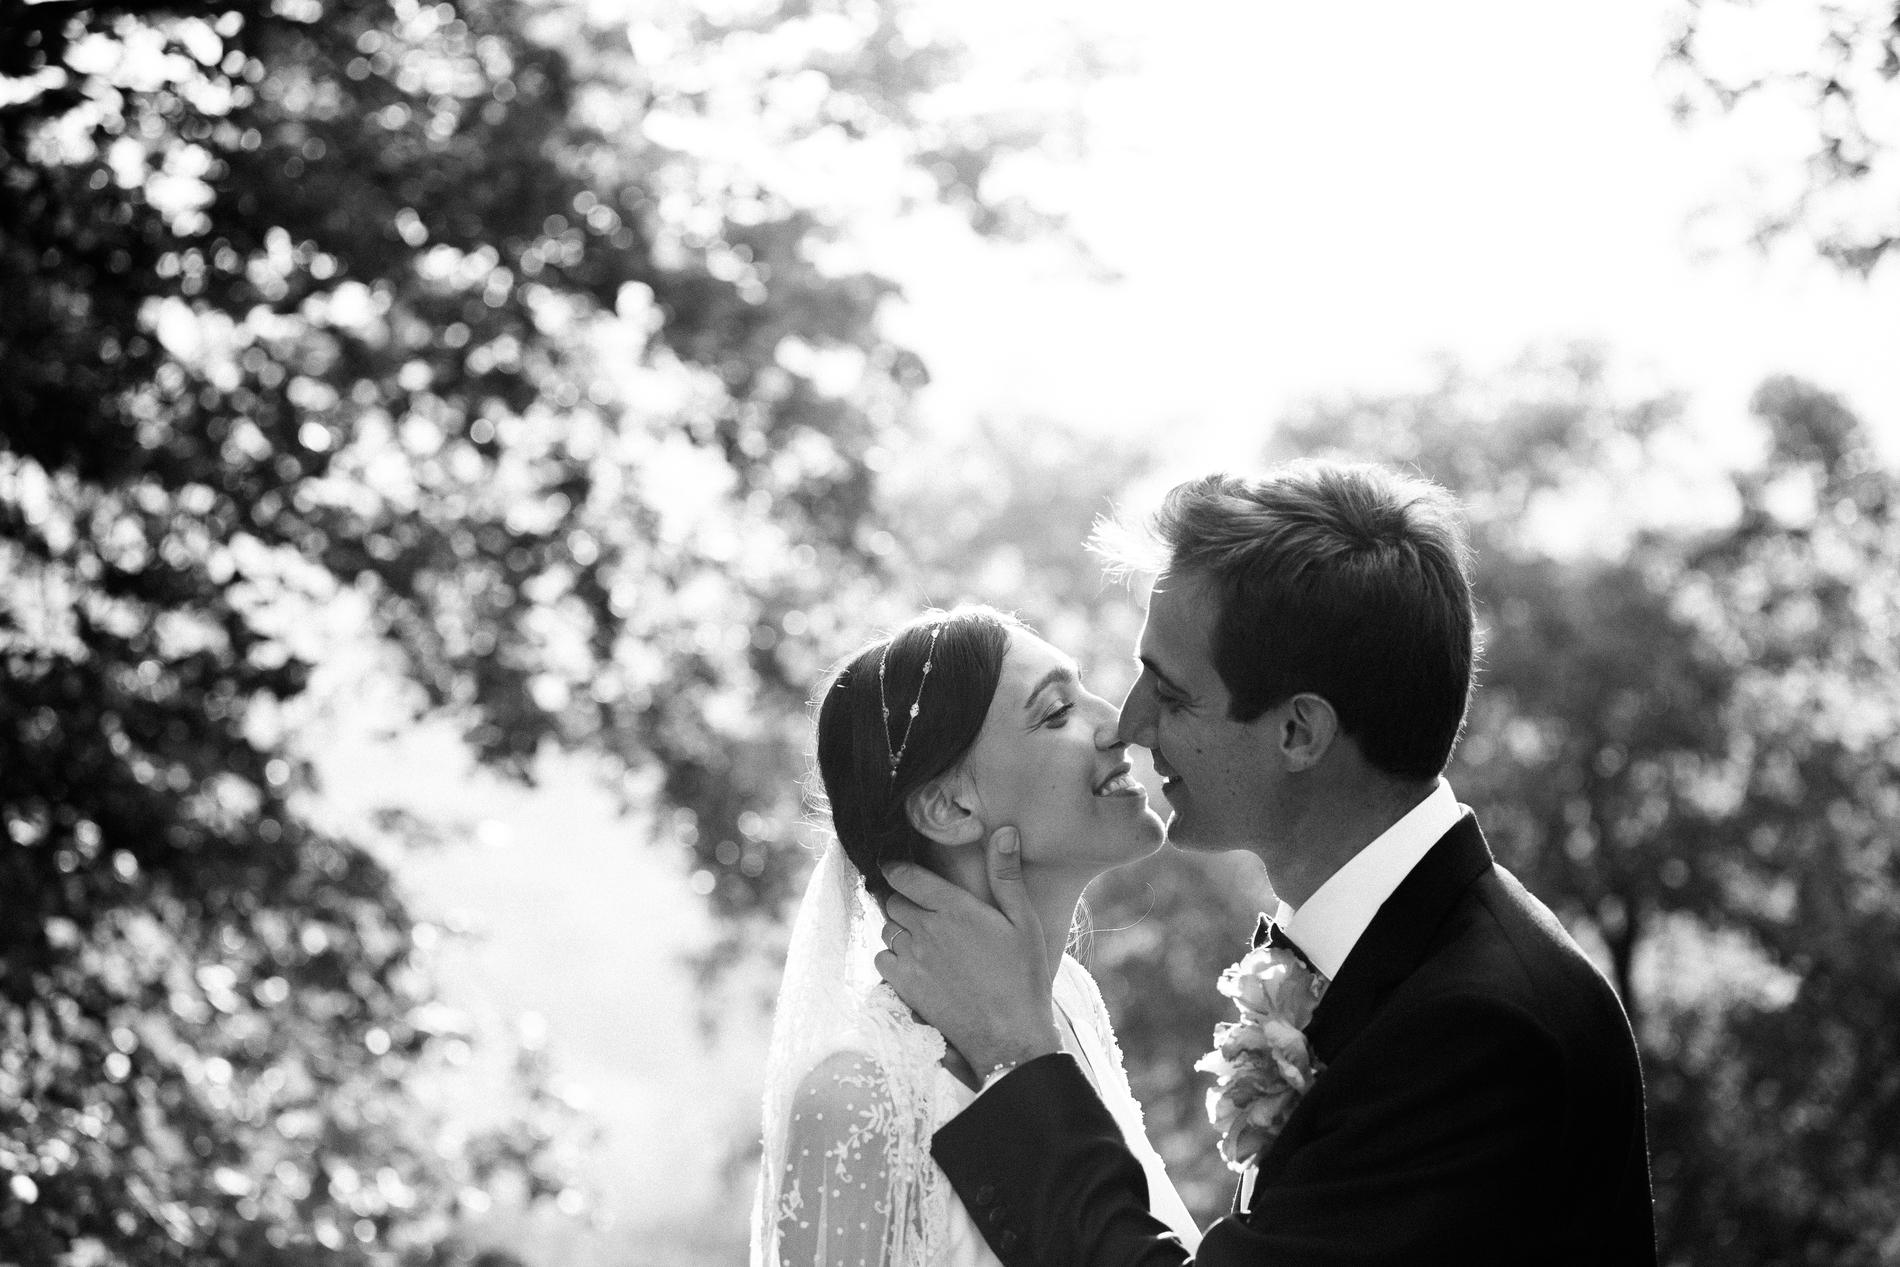 photographe-mariage-paris-oise-picardie-chantilly-senlis-6